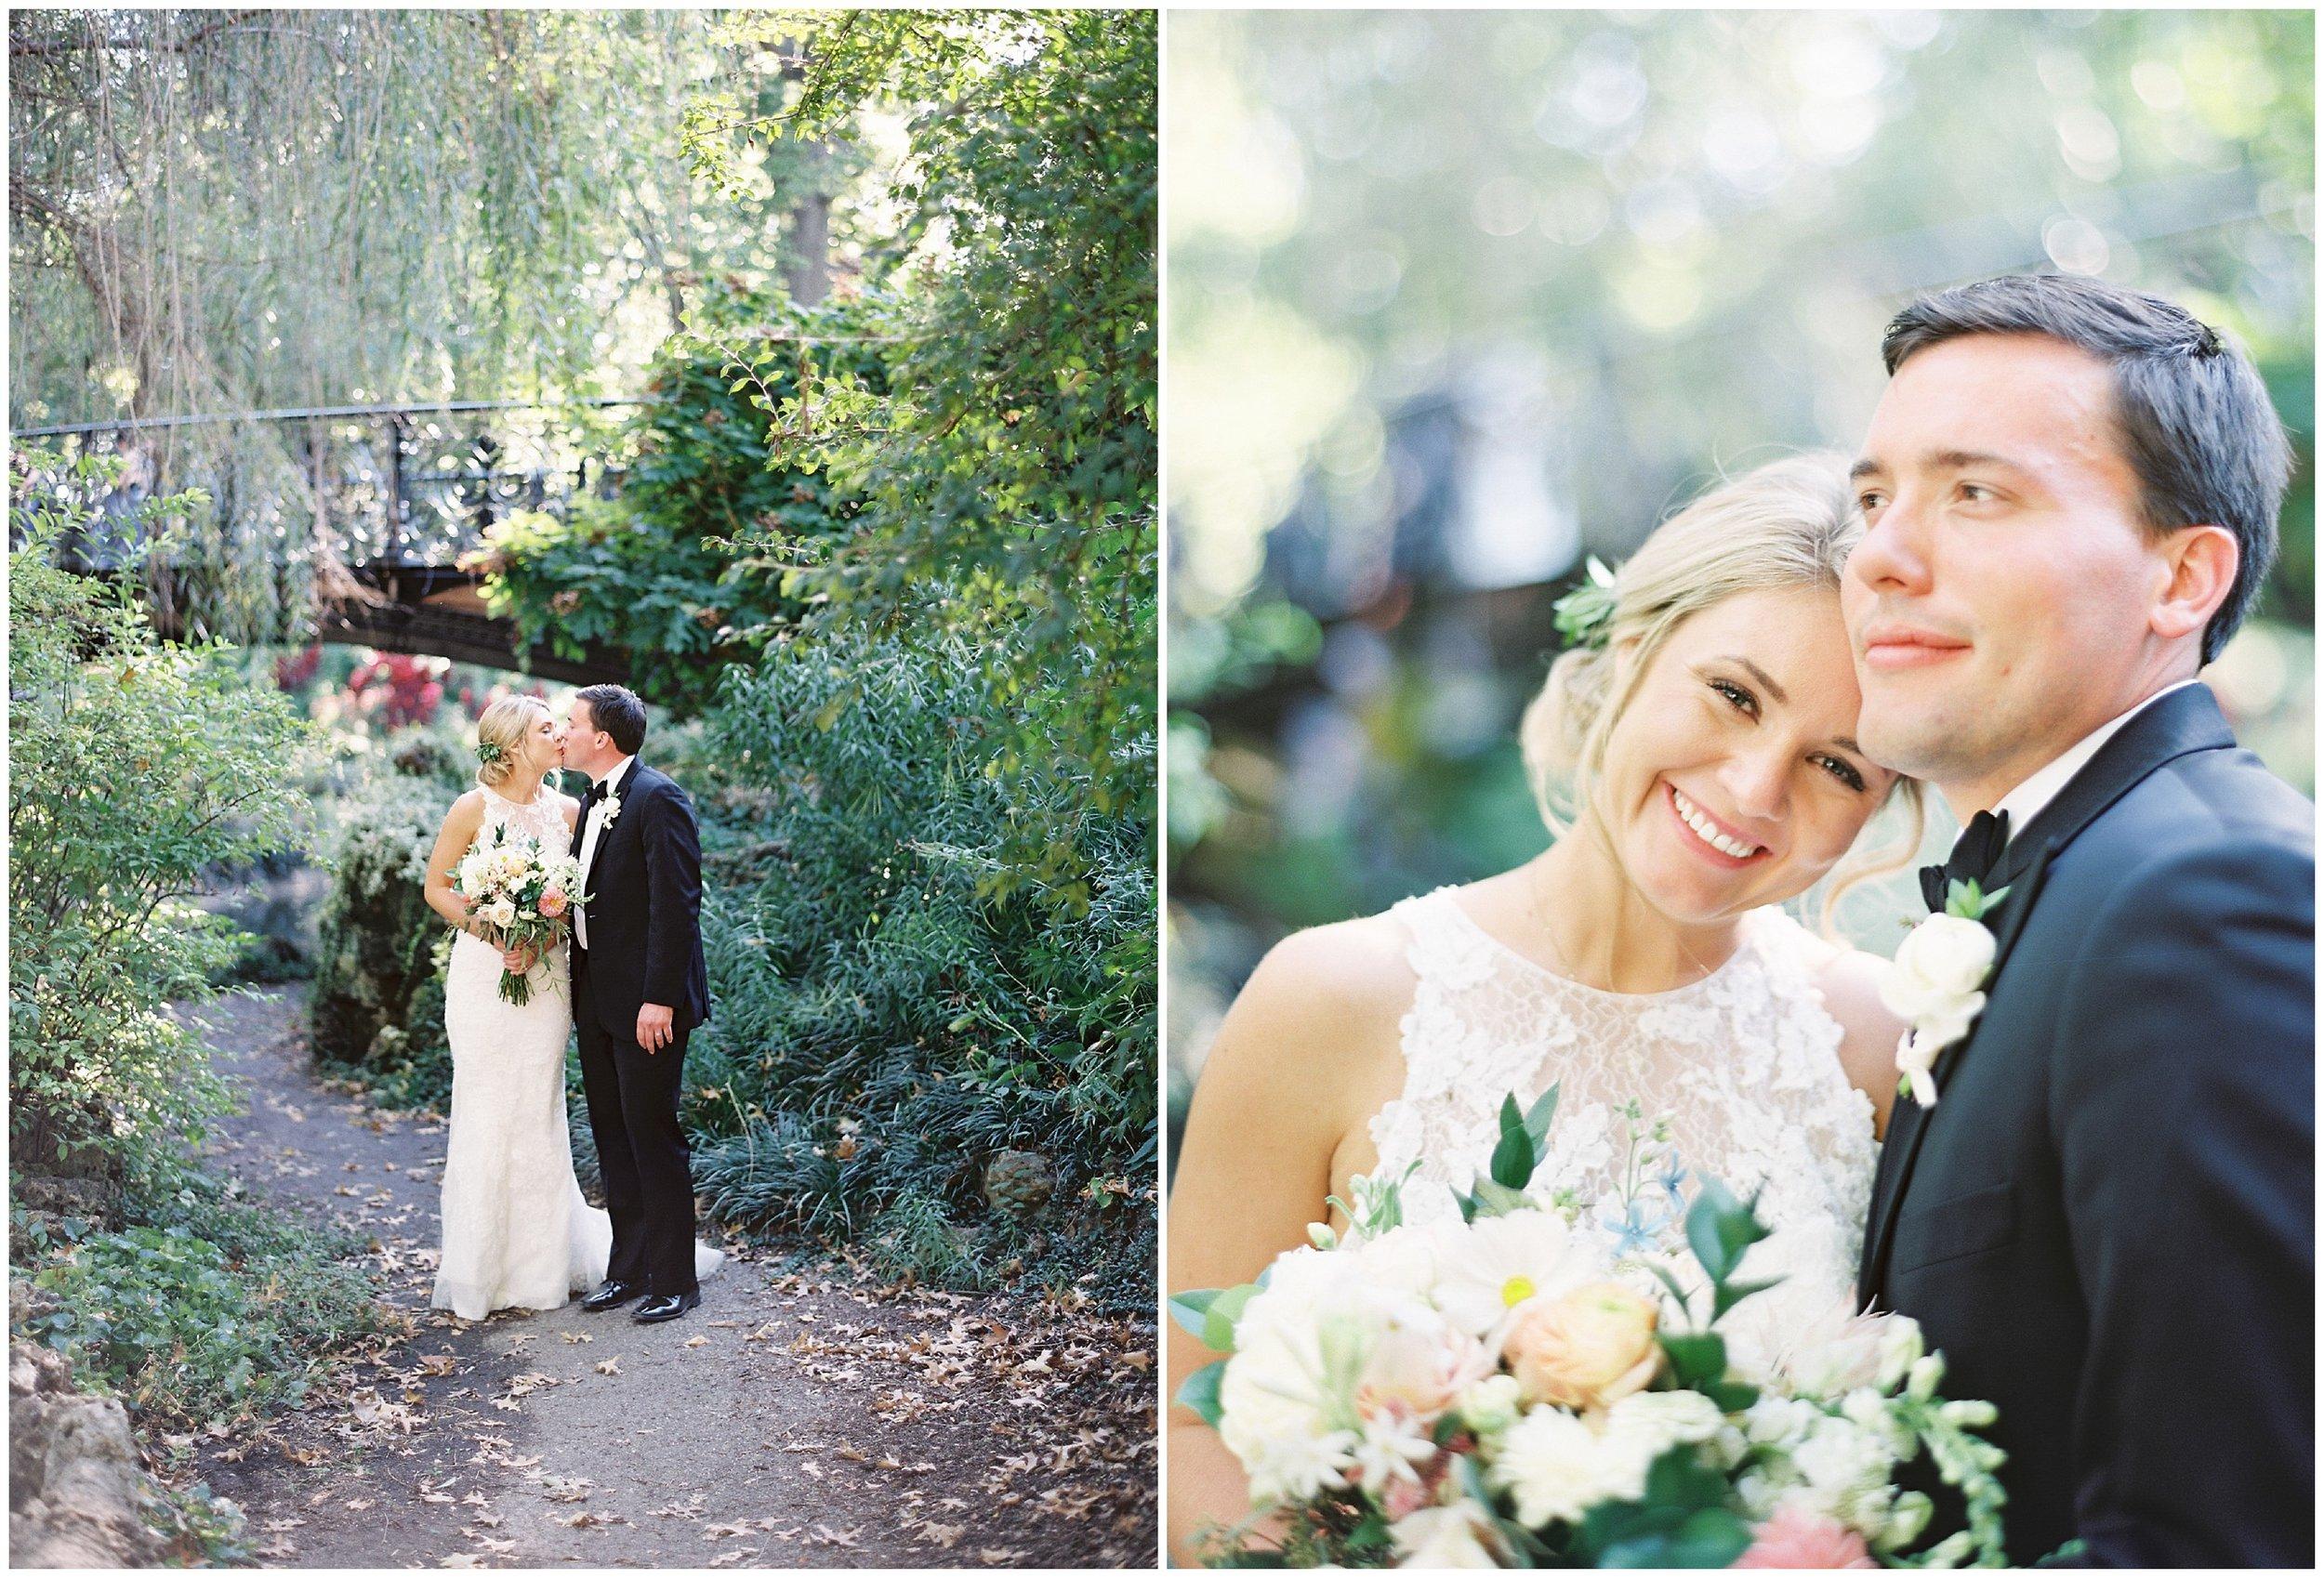 Kristen+Ethan-566.jpg